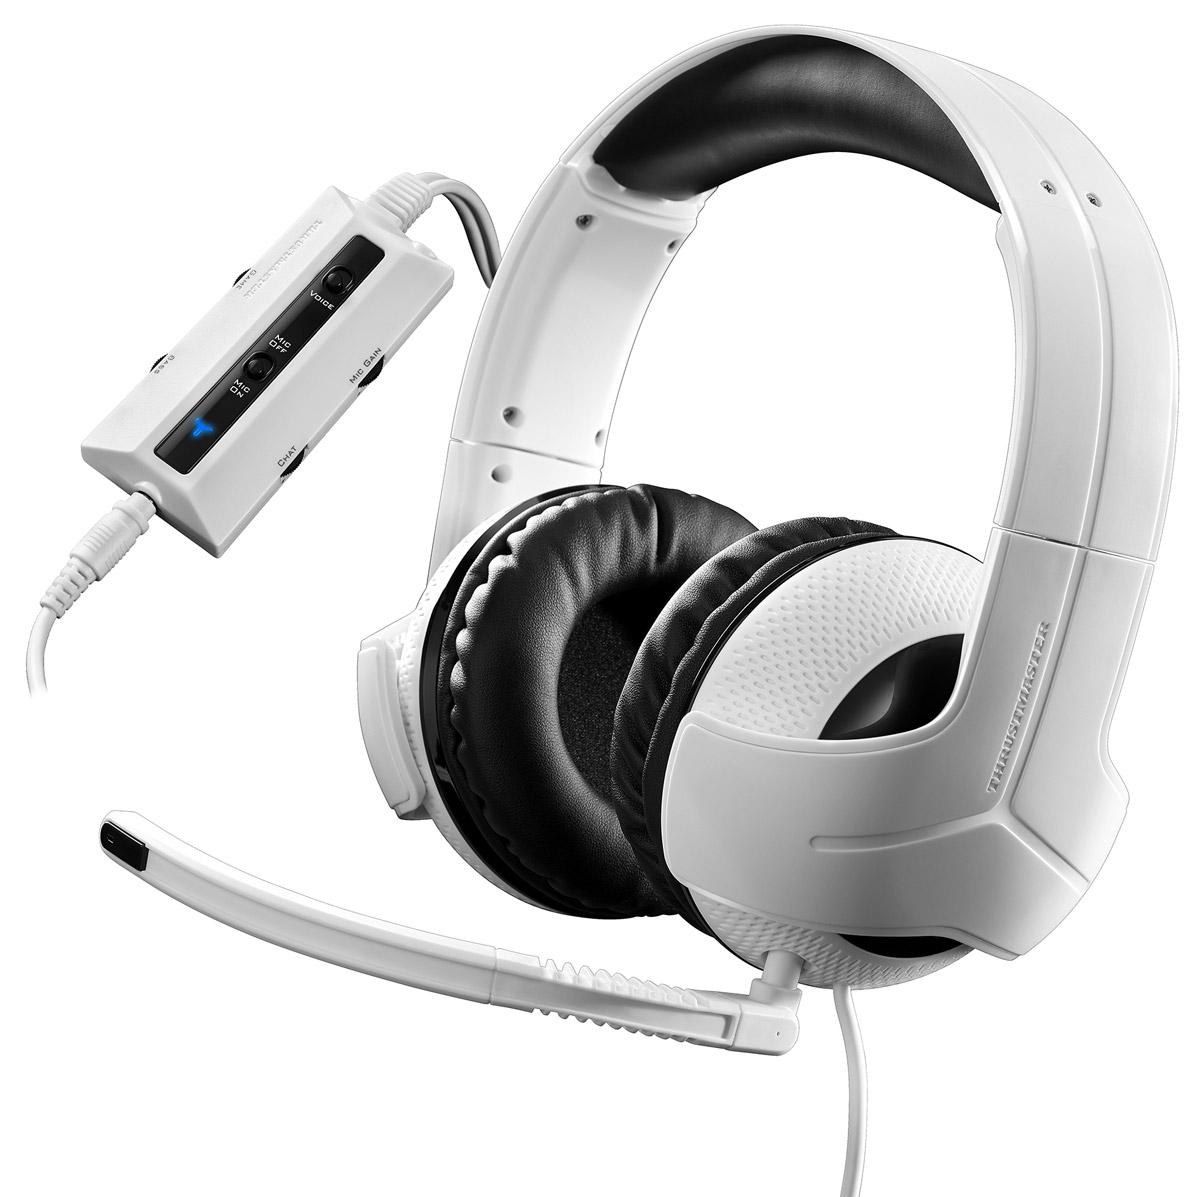 Thrustmaster Y300CPX игровая гарнитура для PS4 (4060077)THR45Универсальная гарнитура для полной совместимости Оптимизированная гарнитура с полной поддержкой PlayStation 4, PlayStation 3, Xbox One, ПК, Xbox 360 и Mac. Совместимость также с Nintendo Wii U / Nintendo 3DS /PlayStation Vita / планшетами / смартфонами (с поддержкой вызовов). Аудиопревосходство Реальные 50-мм динамические головки, обеспечивающие кристально чистый звук: все слышать — быстро реагировать! Восприятие звука реальнее, чем в реальной жизни благодаря устойчивой амплитудно-частотной характеристике с превосходным балансом басовых, средних и высоких частот, оптимизированной для игр. Эксклюзивный двойной электроакустический усилитель нижних частот — глубокое воспроизведение басов. Лучшие наработки Thrustmaster в сфере аудио — для нового уровня игровых показателей (при поддержке Hercules и 20-летнего опыта в области аудио). Создано для удобства Уникальный Y-образный дизайн с серебристым декором обеспечивает исключительный комфорт:...